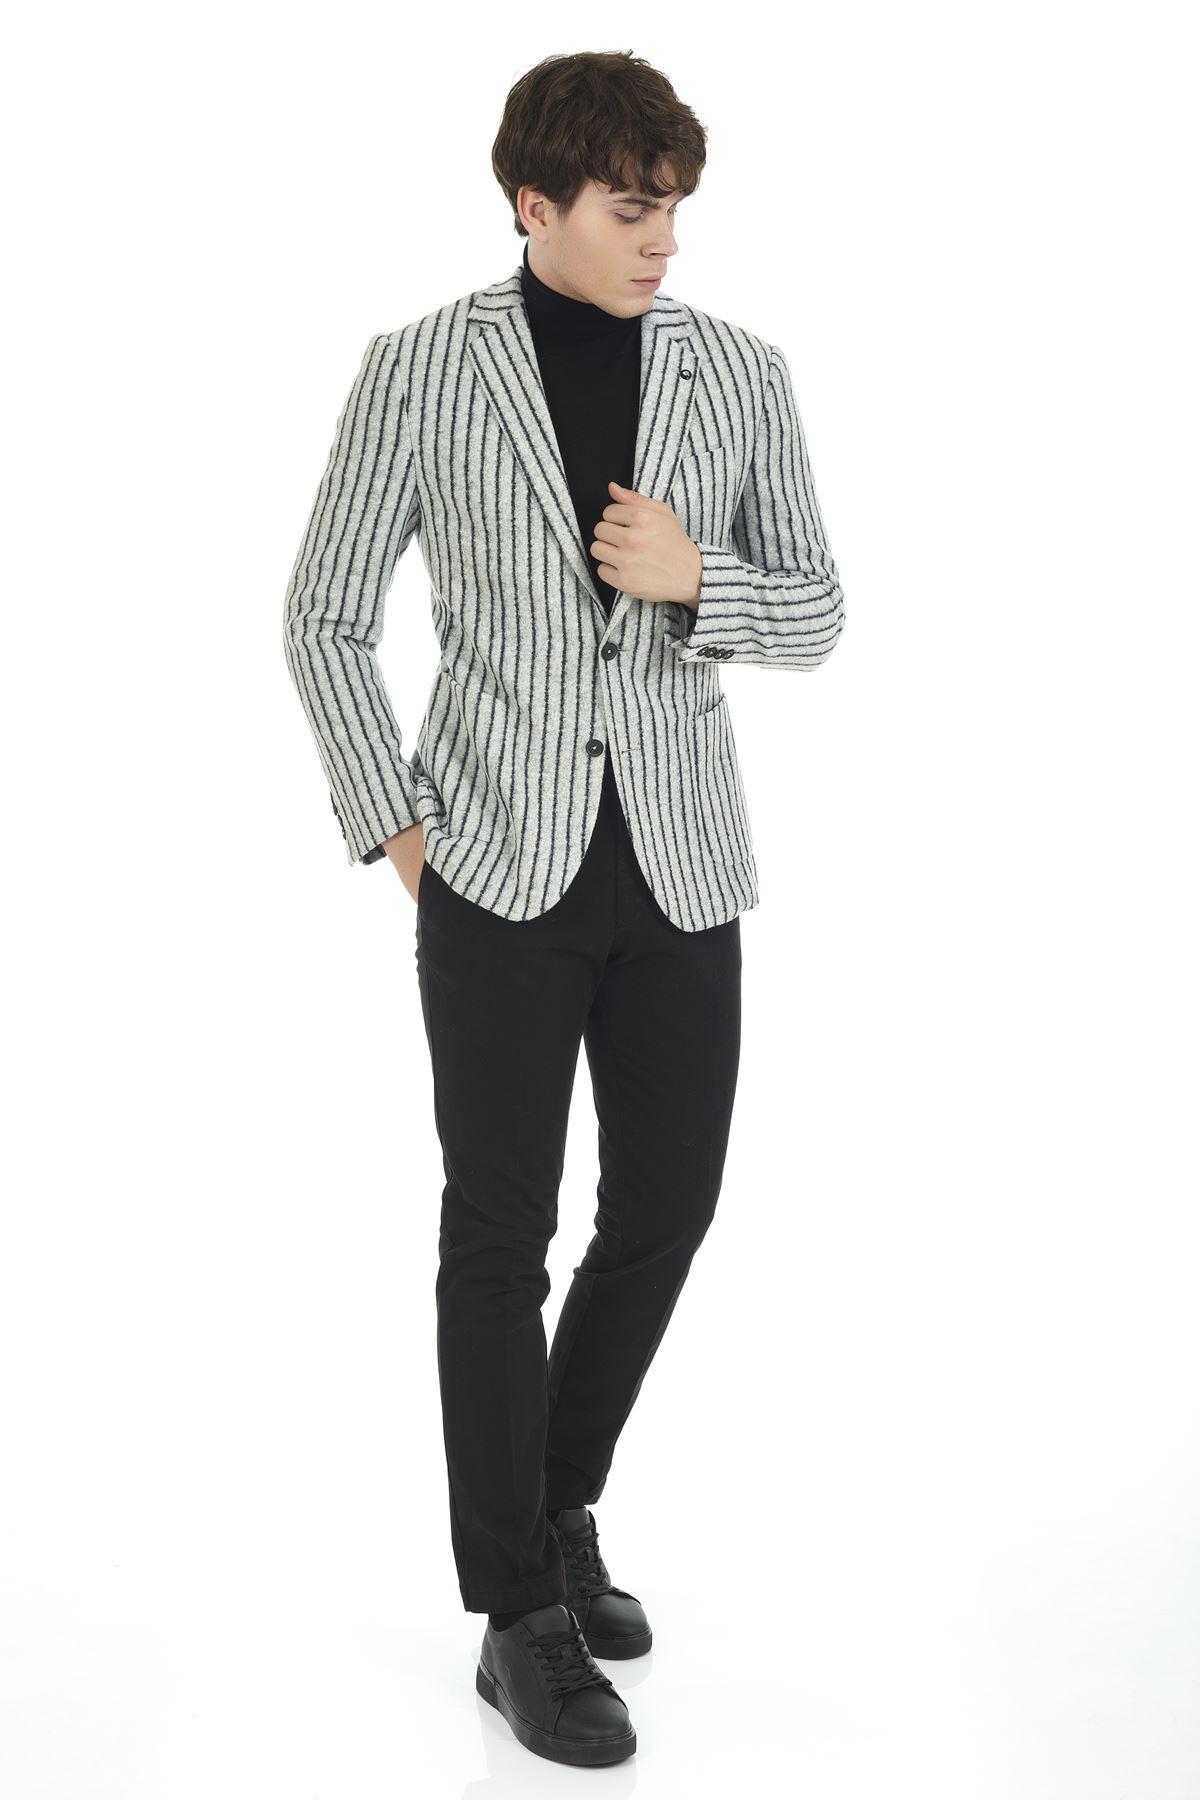 Siyah Beyaz Çizgili Malzemesiz Süper Slim Yün Ceket